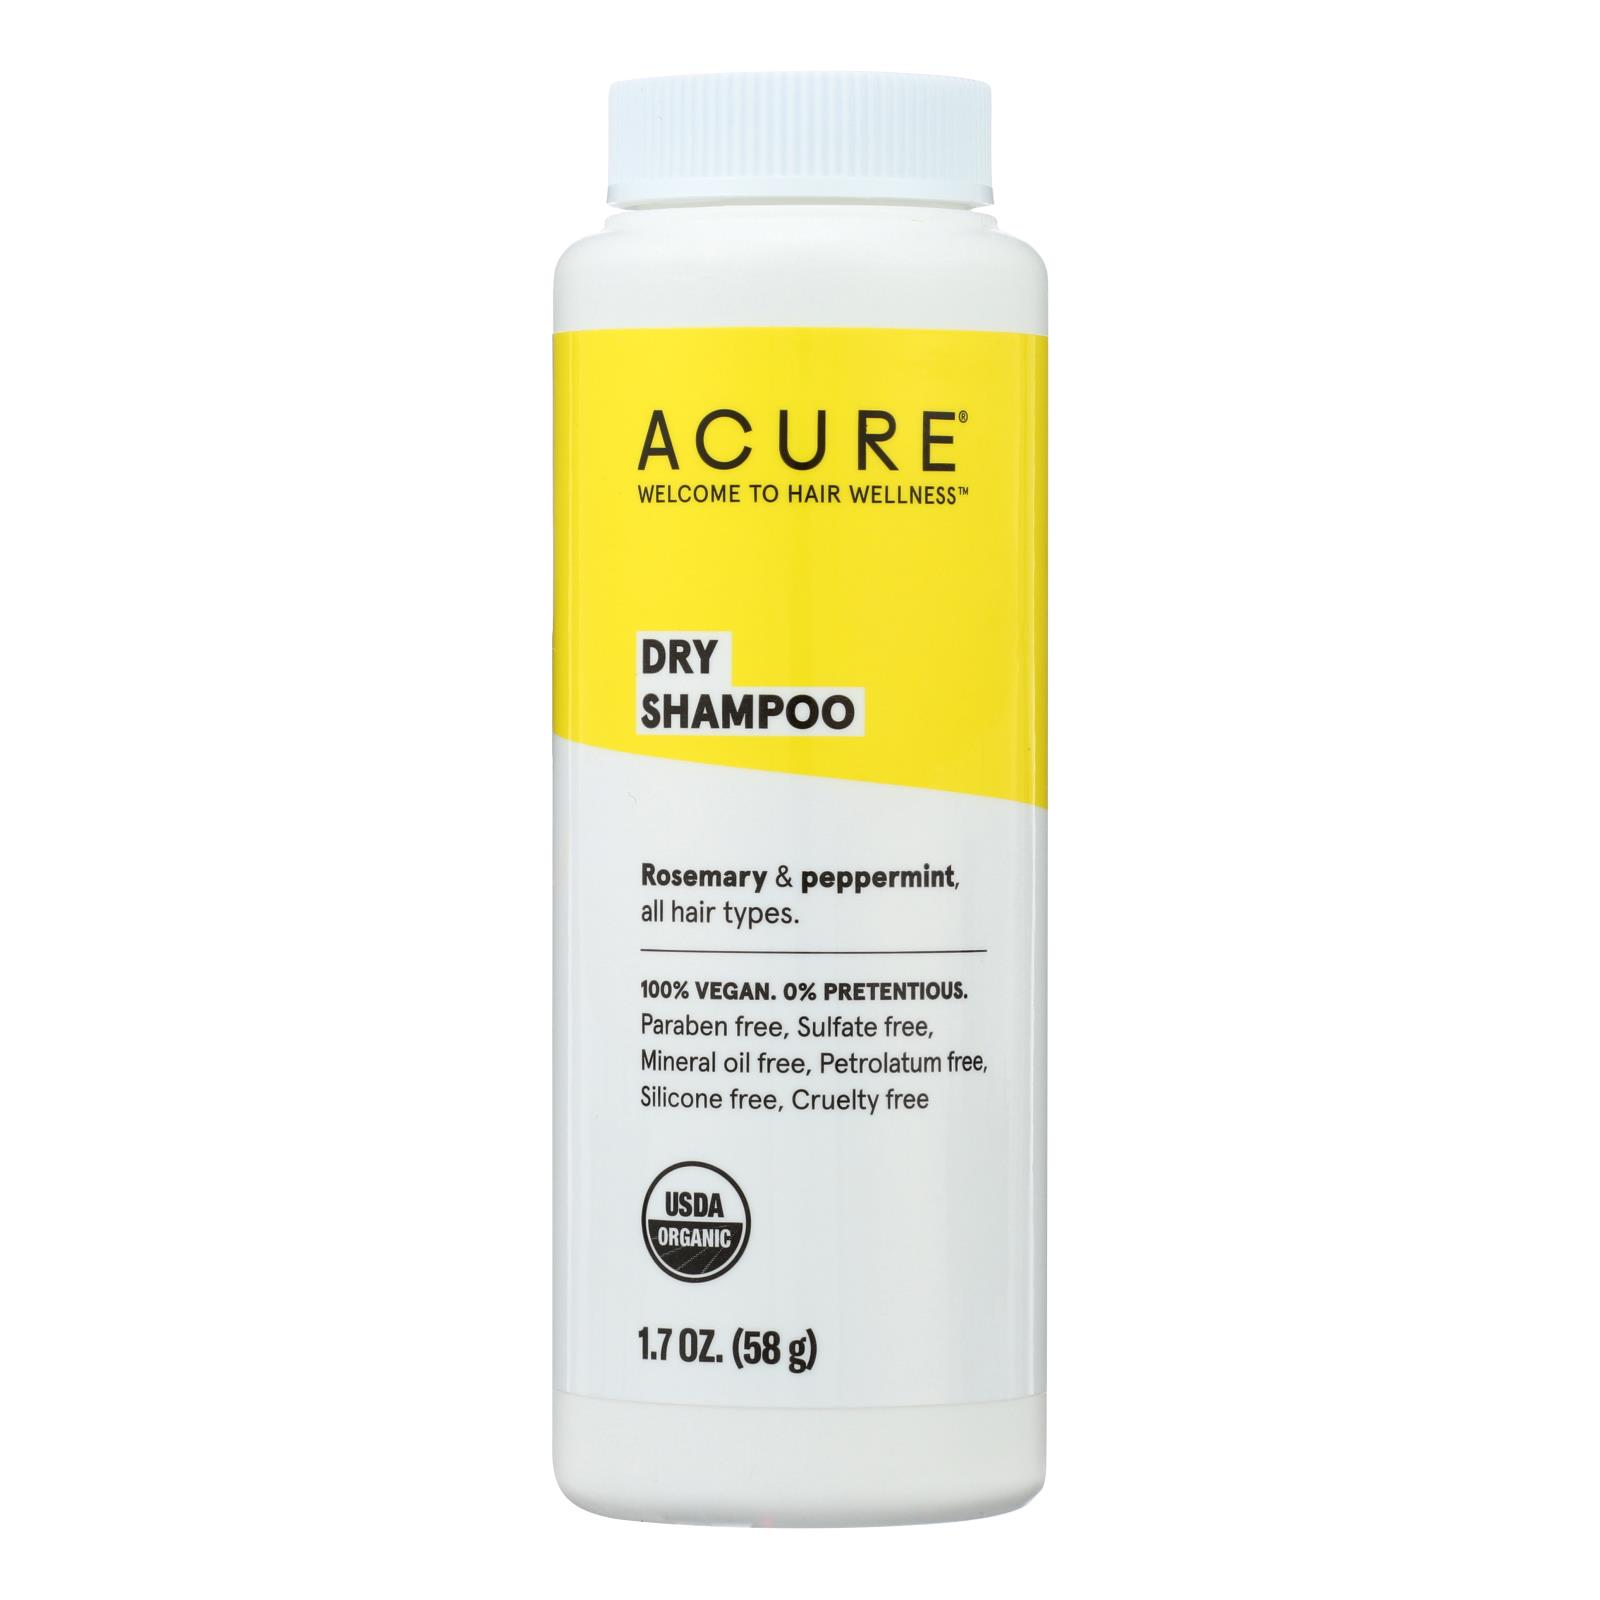 Acure - Shampoo - Dry - 1.7 Oz 854049002323